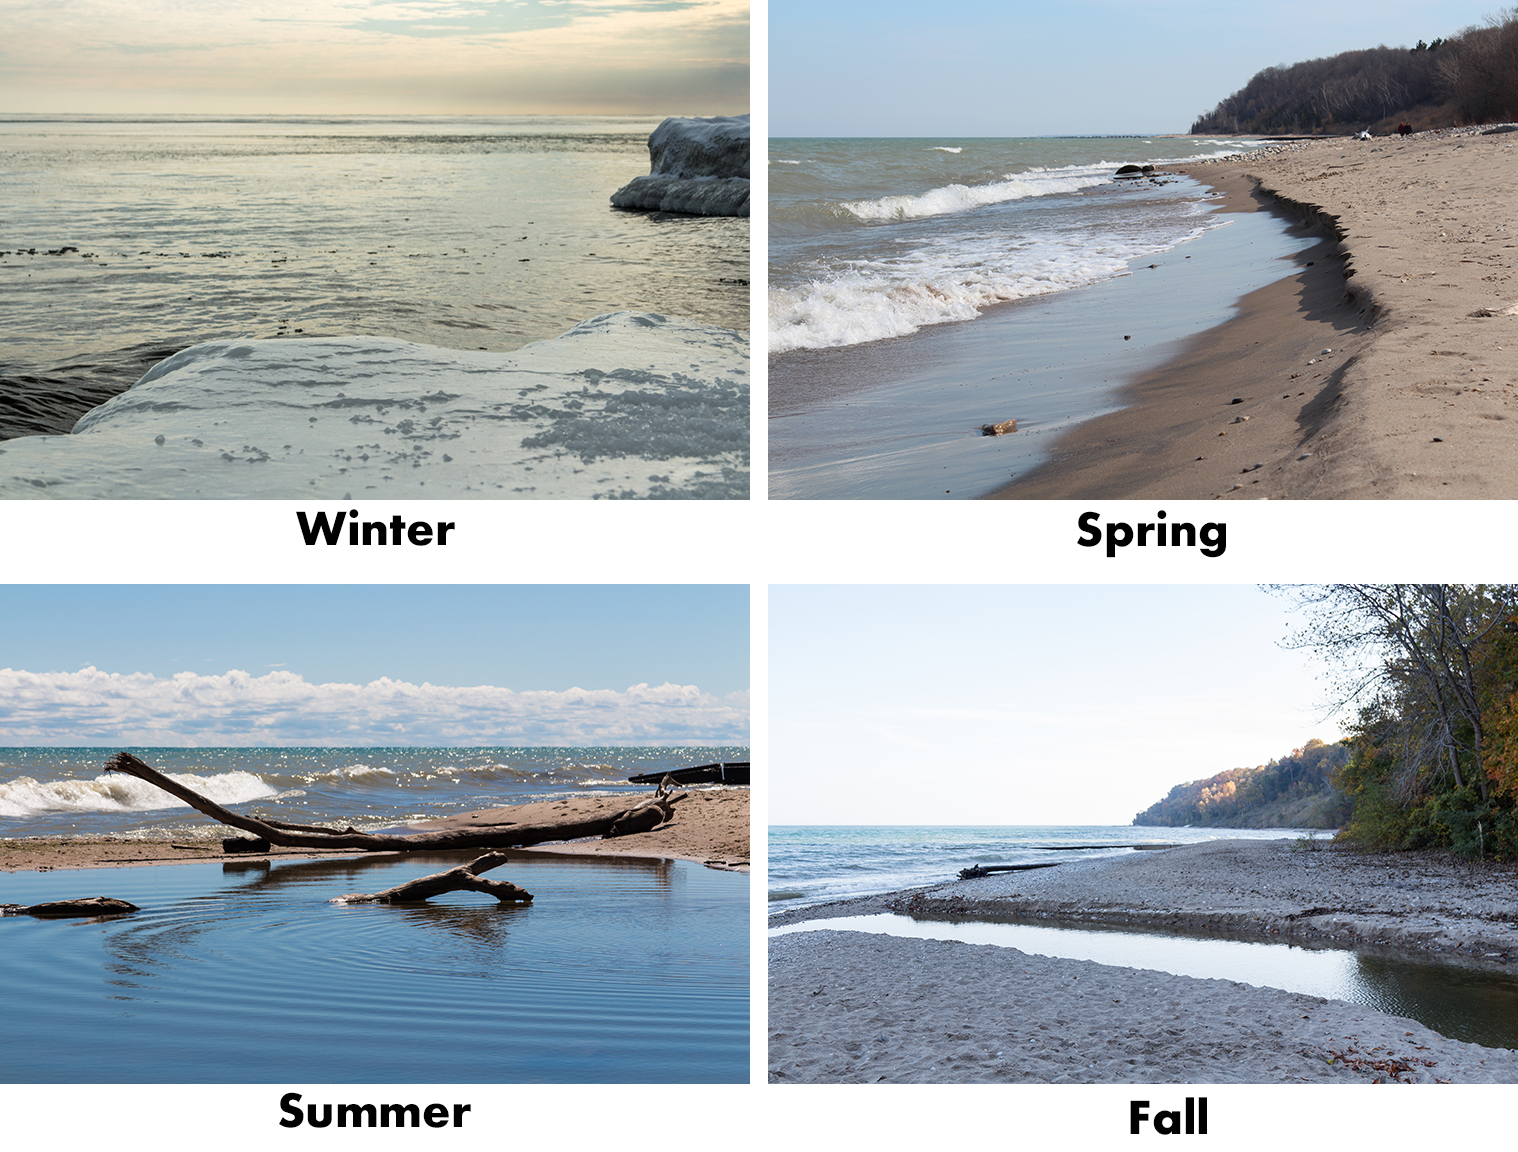 Beach in Four Seasons | https://www.roseclearfield.com